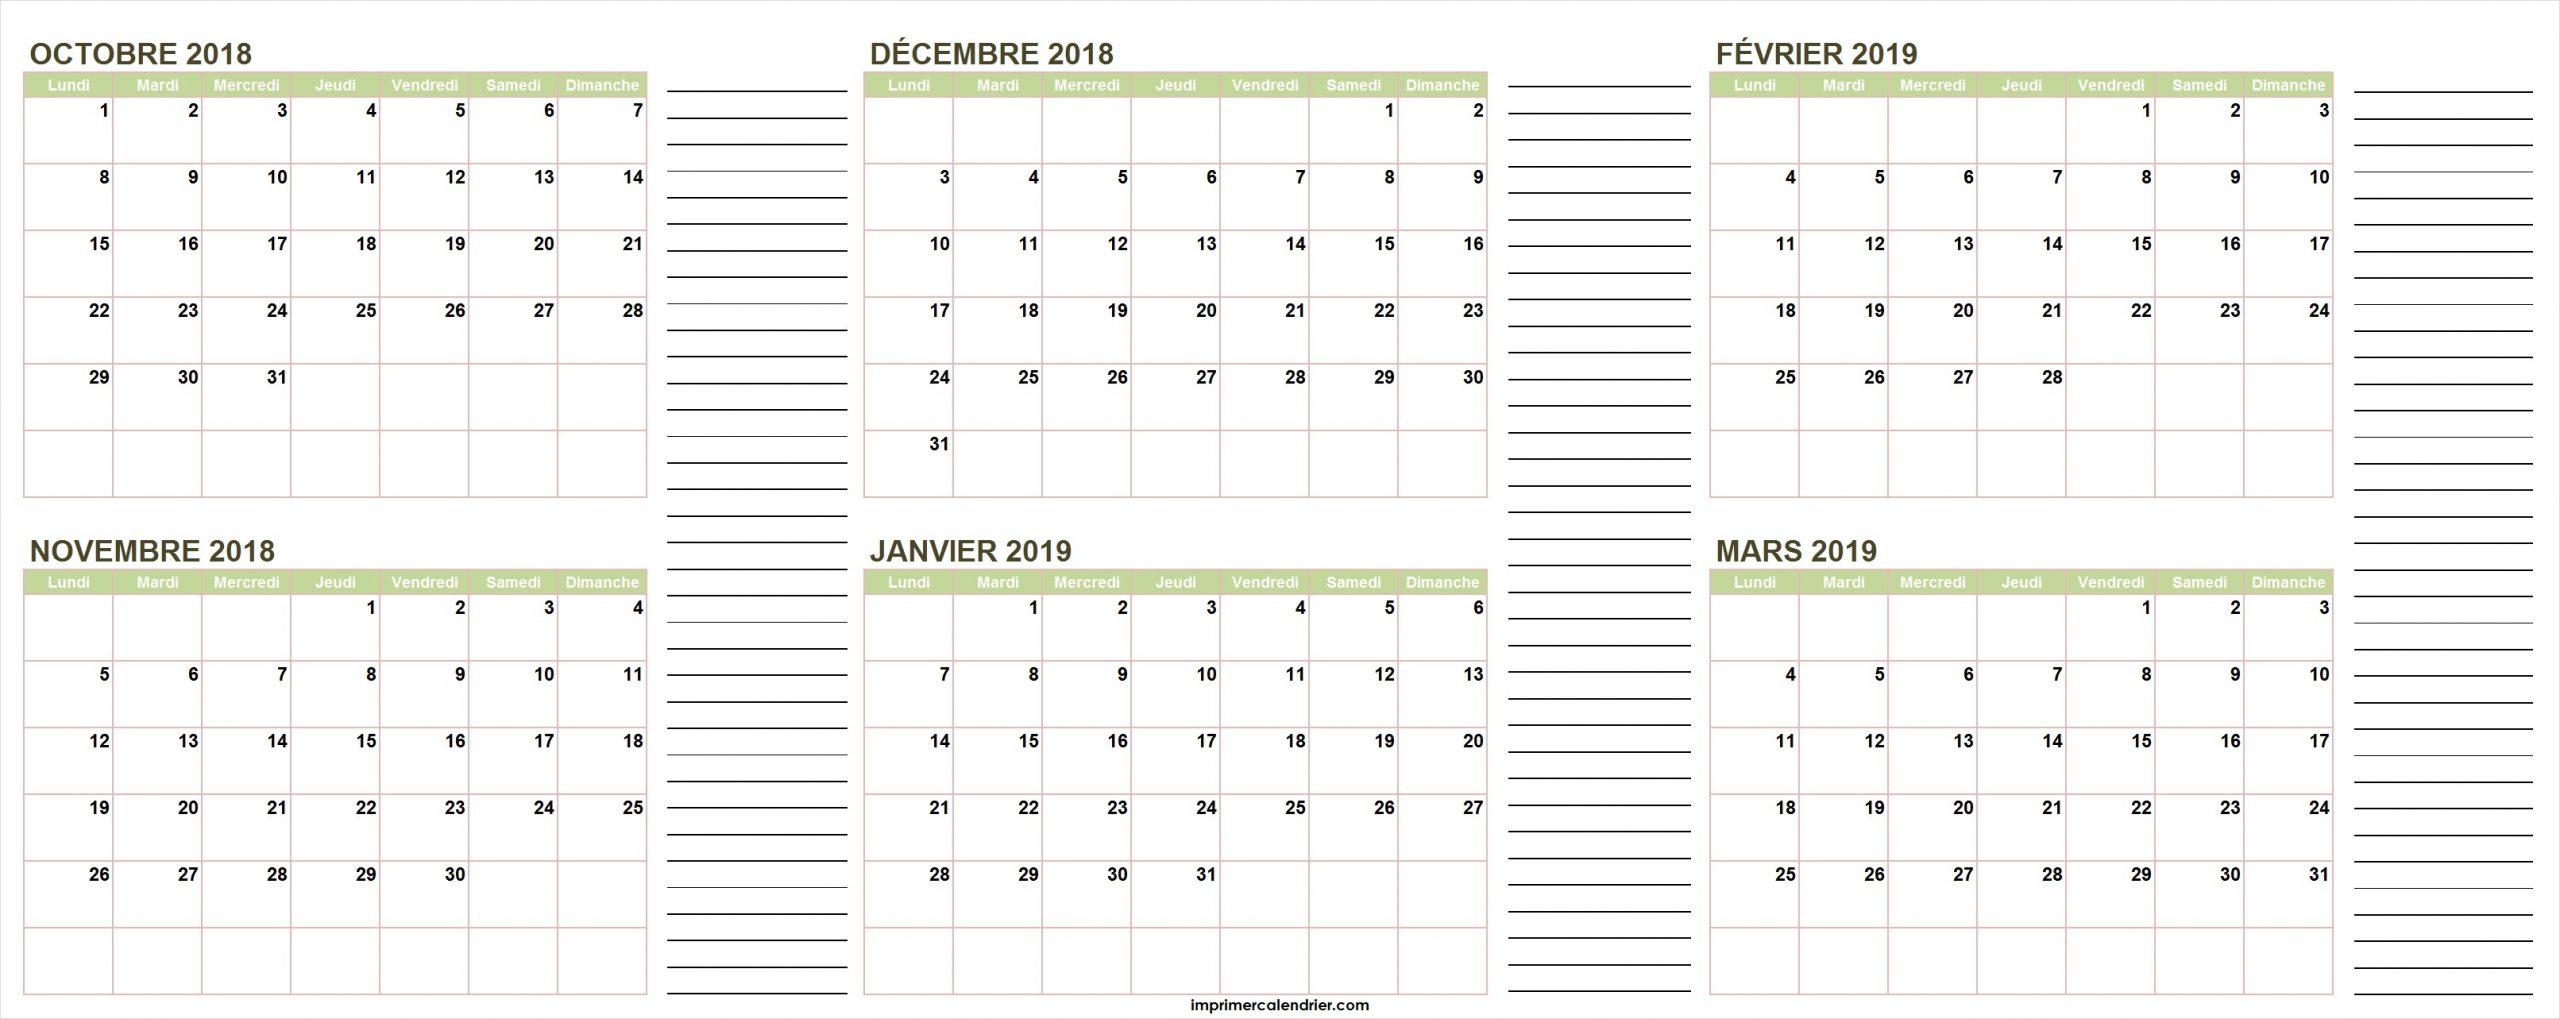 Calendrier Octobre 2018 À Mars 2019 | Calendrier Pour Imprimer pour Calendrier Annuel 2019 À Imprimer Gratuit